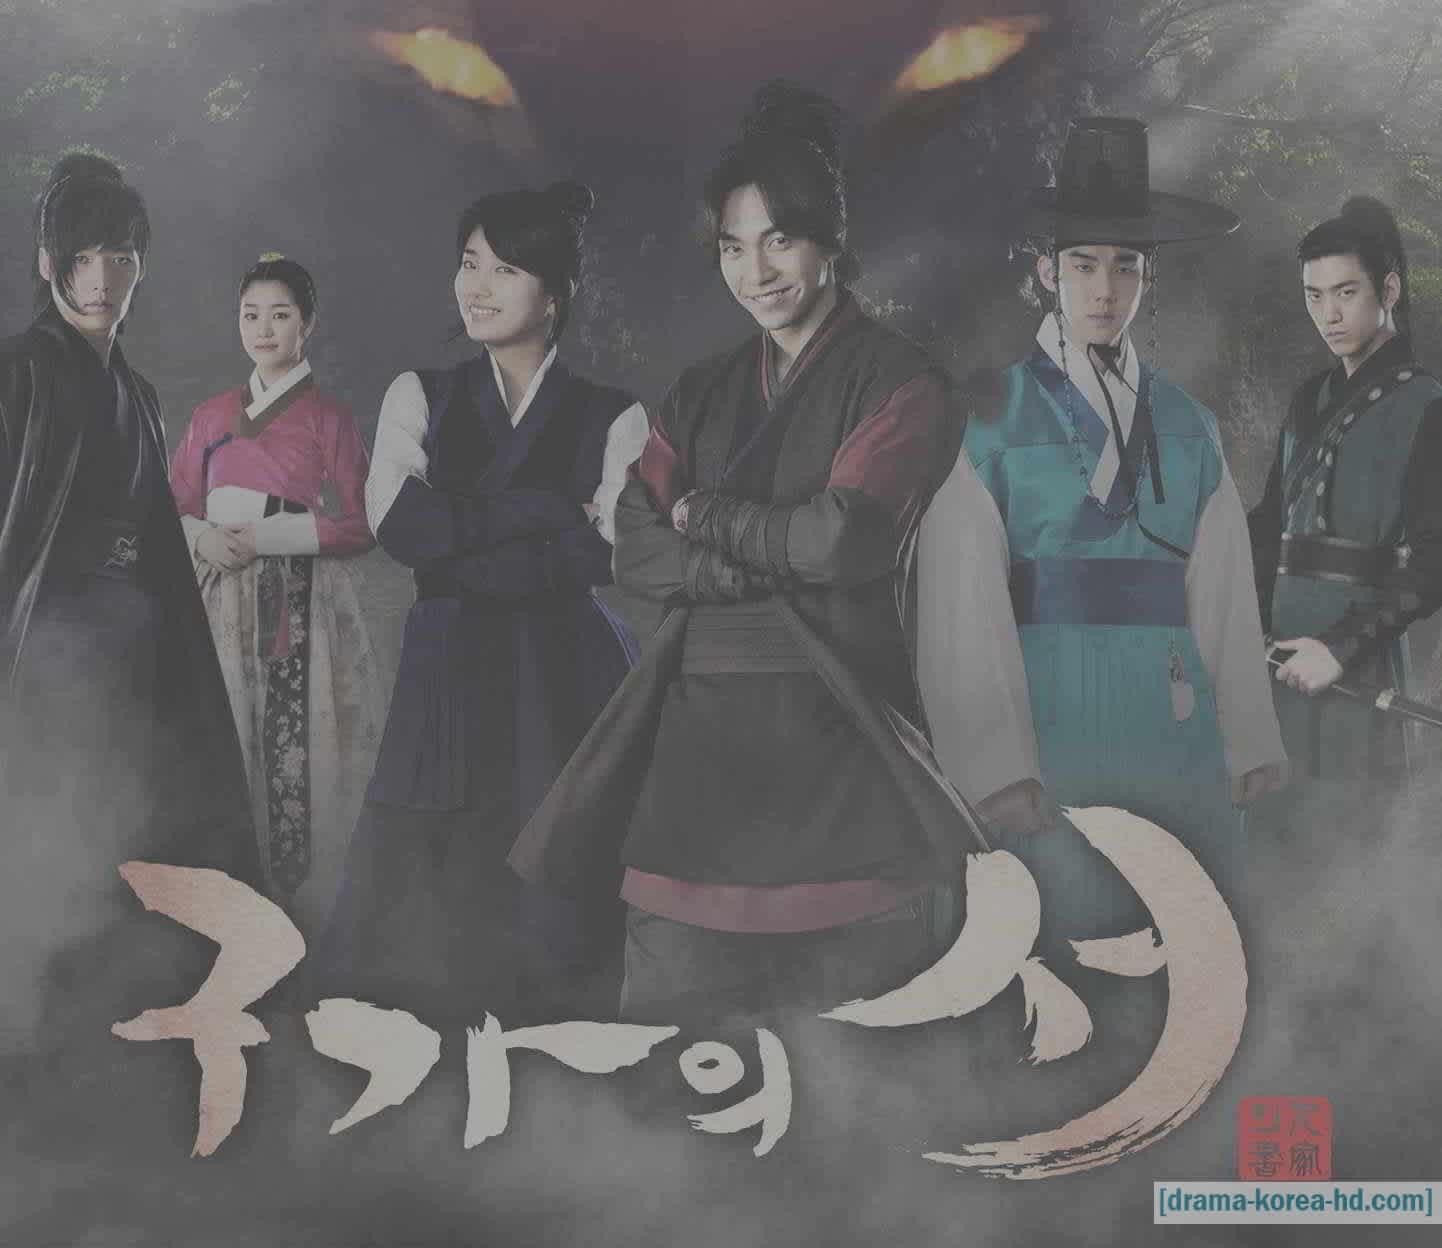 Gu Family Book - All Episode drama korea